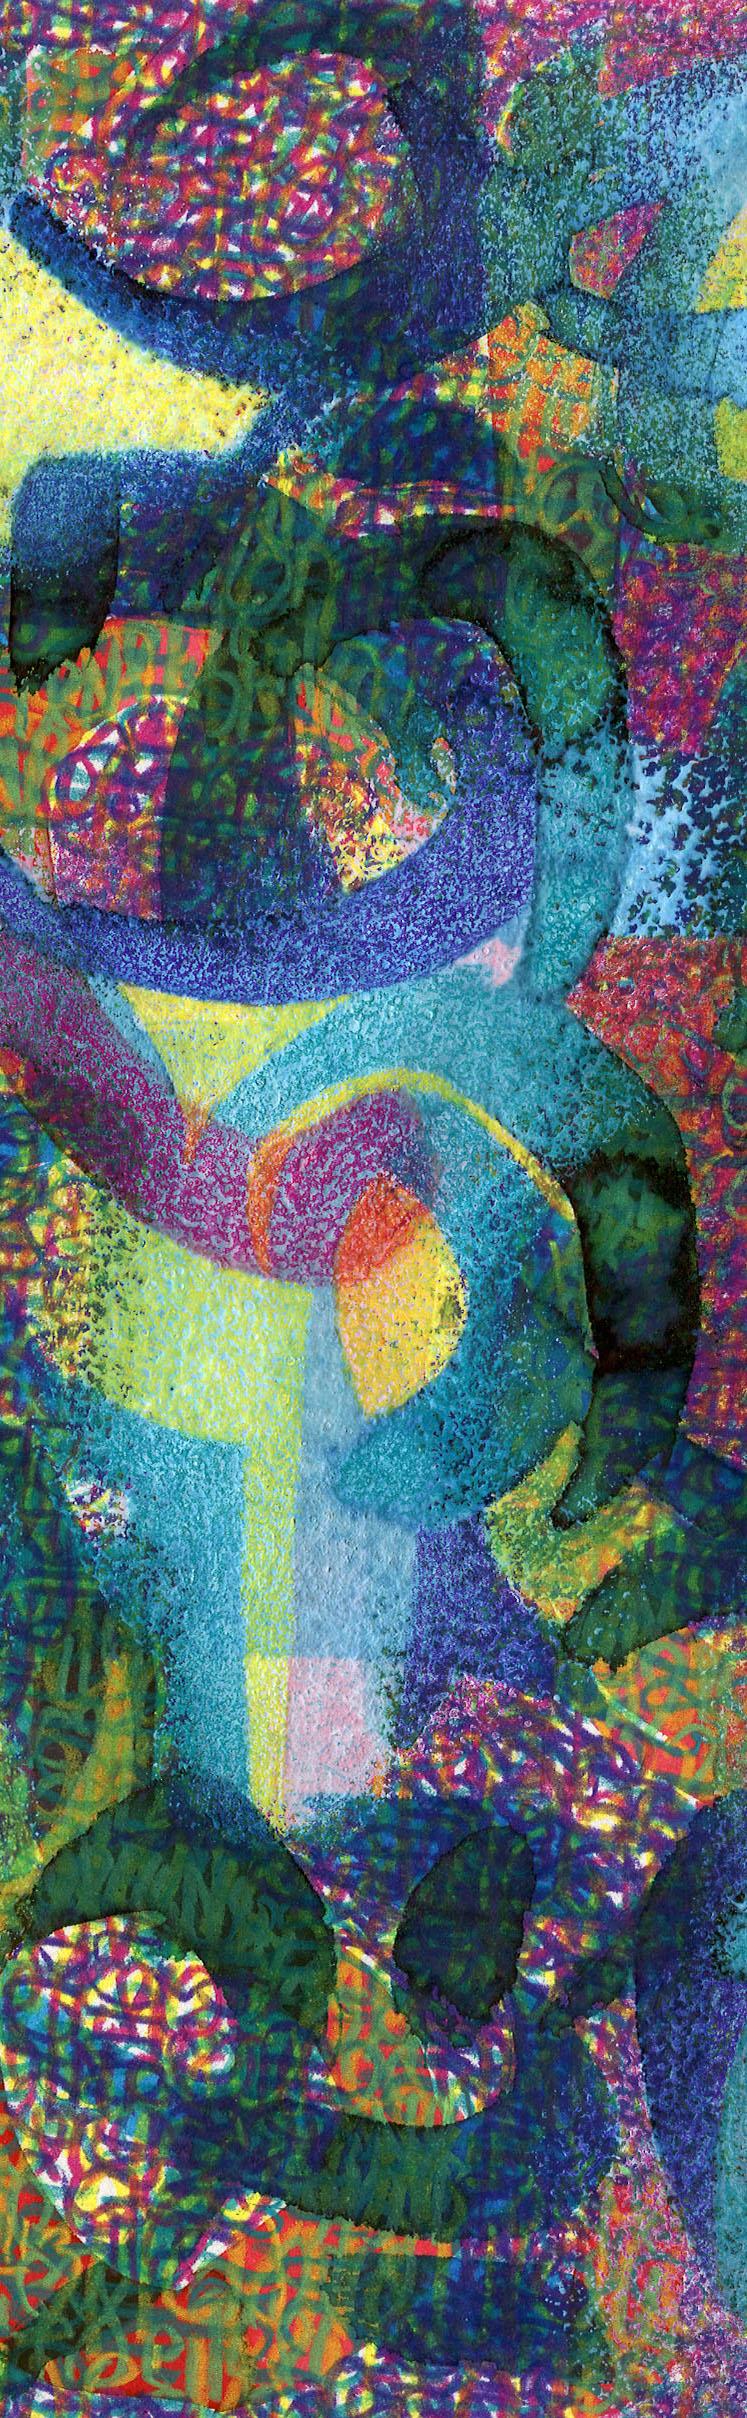 sirius, detail 1, 20,5 x 6,5 cm, Juli 2016